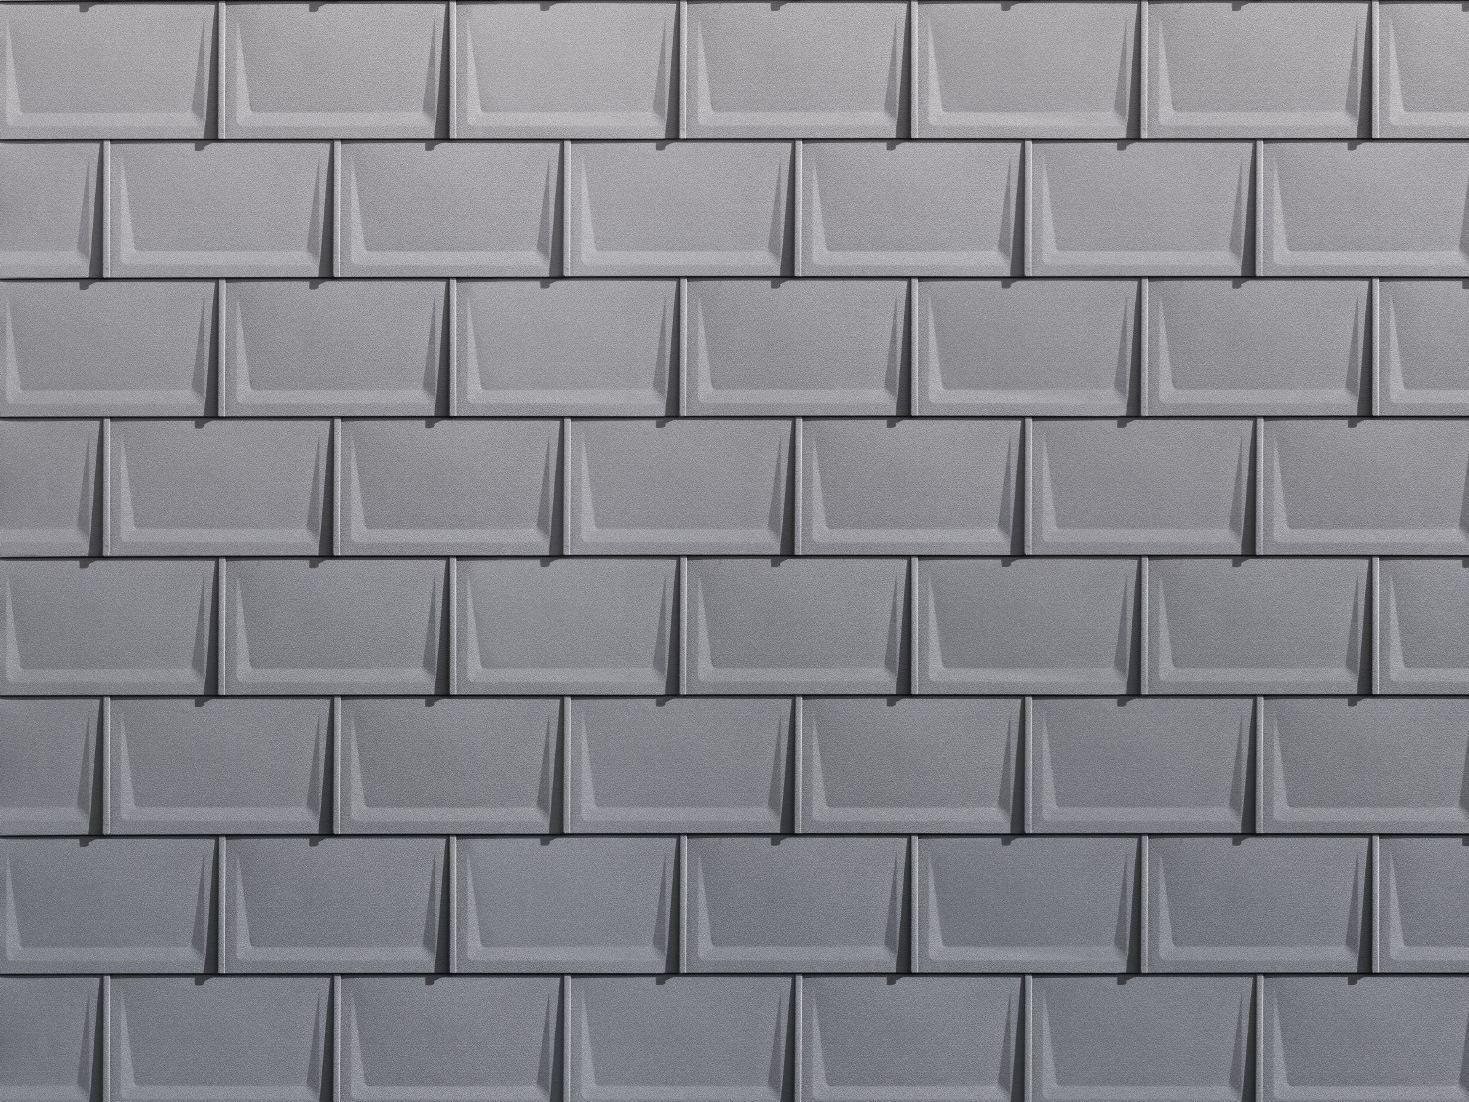 Aluminium Pantile R 16 By Prefa Italia Aluminium Cladding Materials Italia